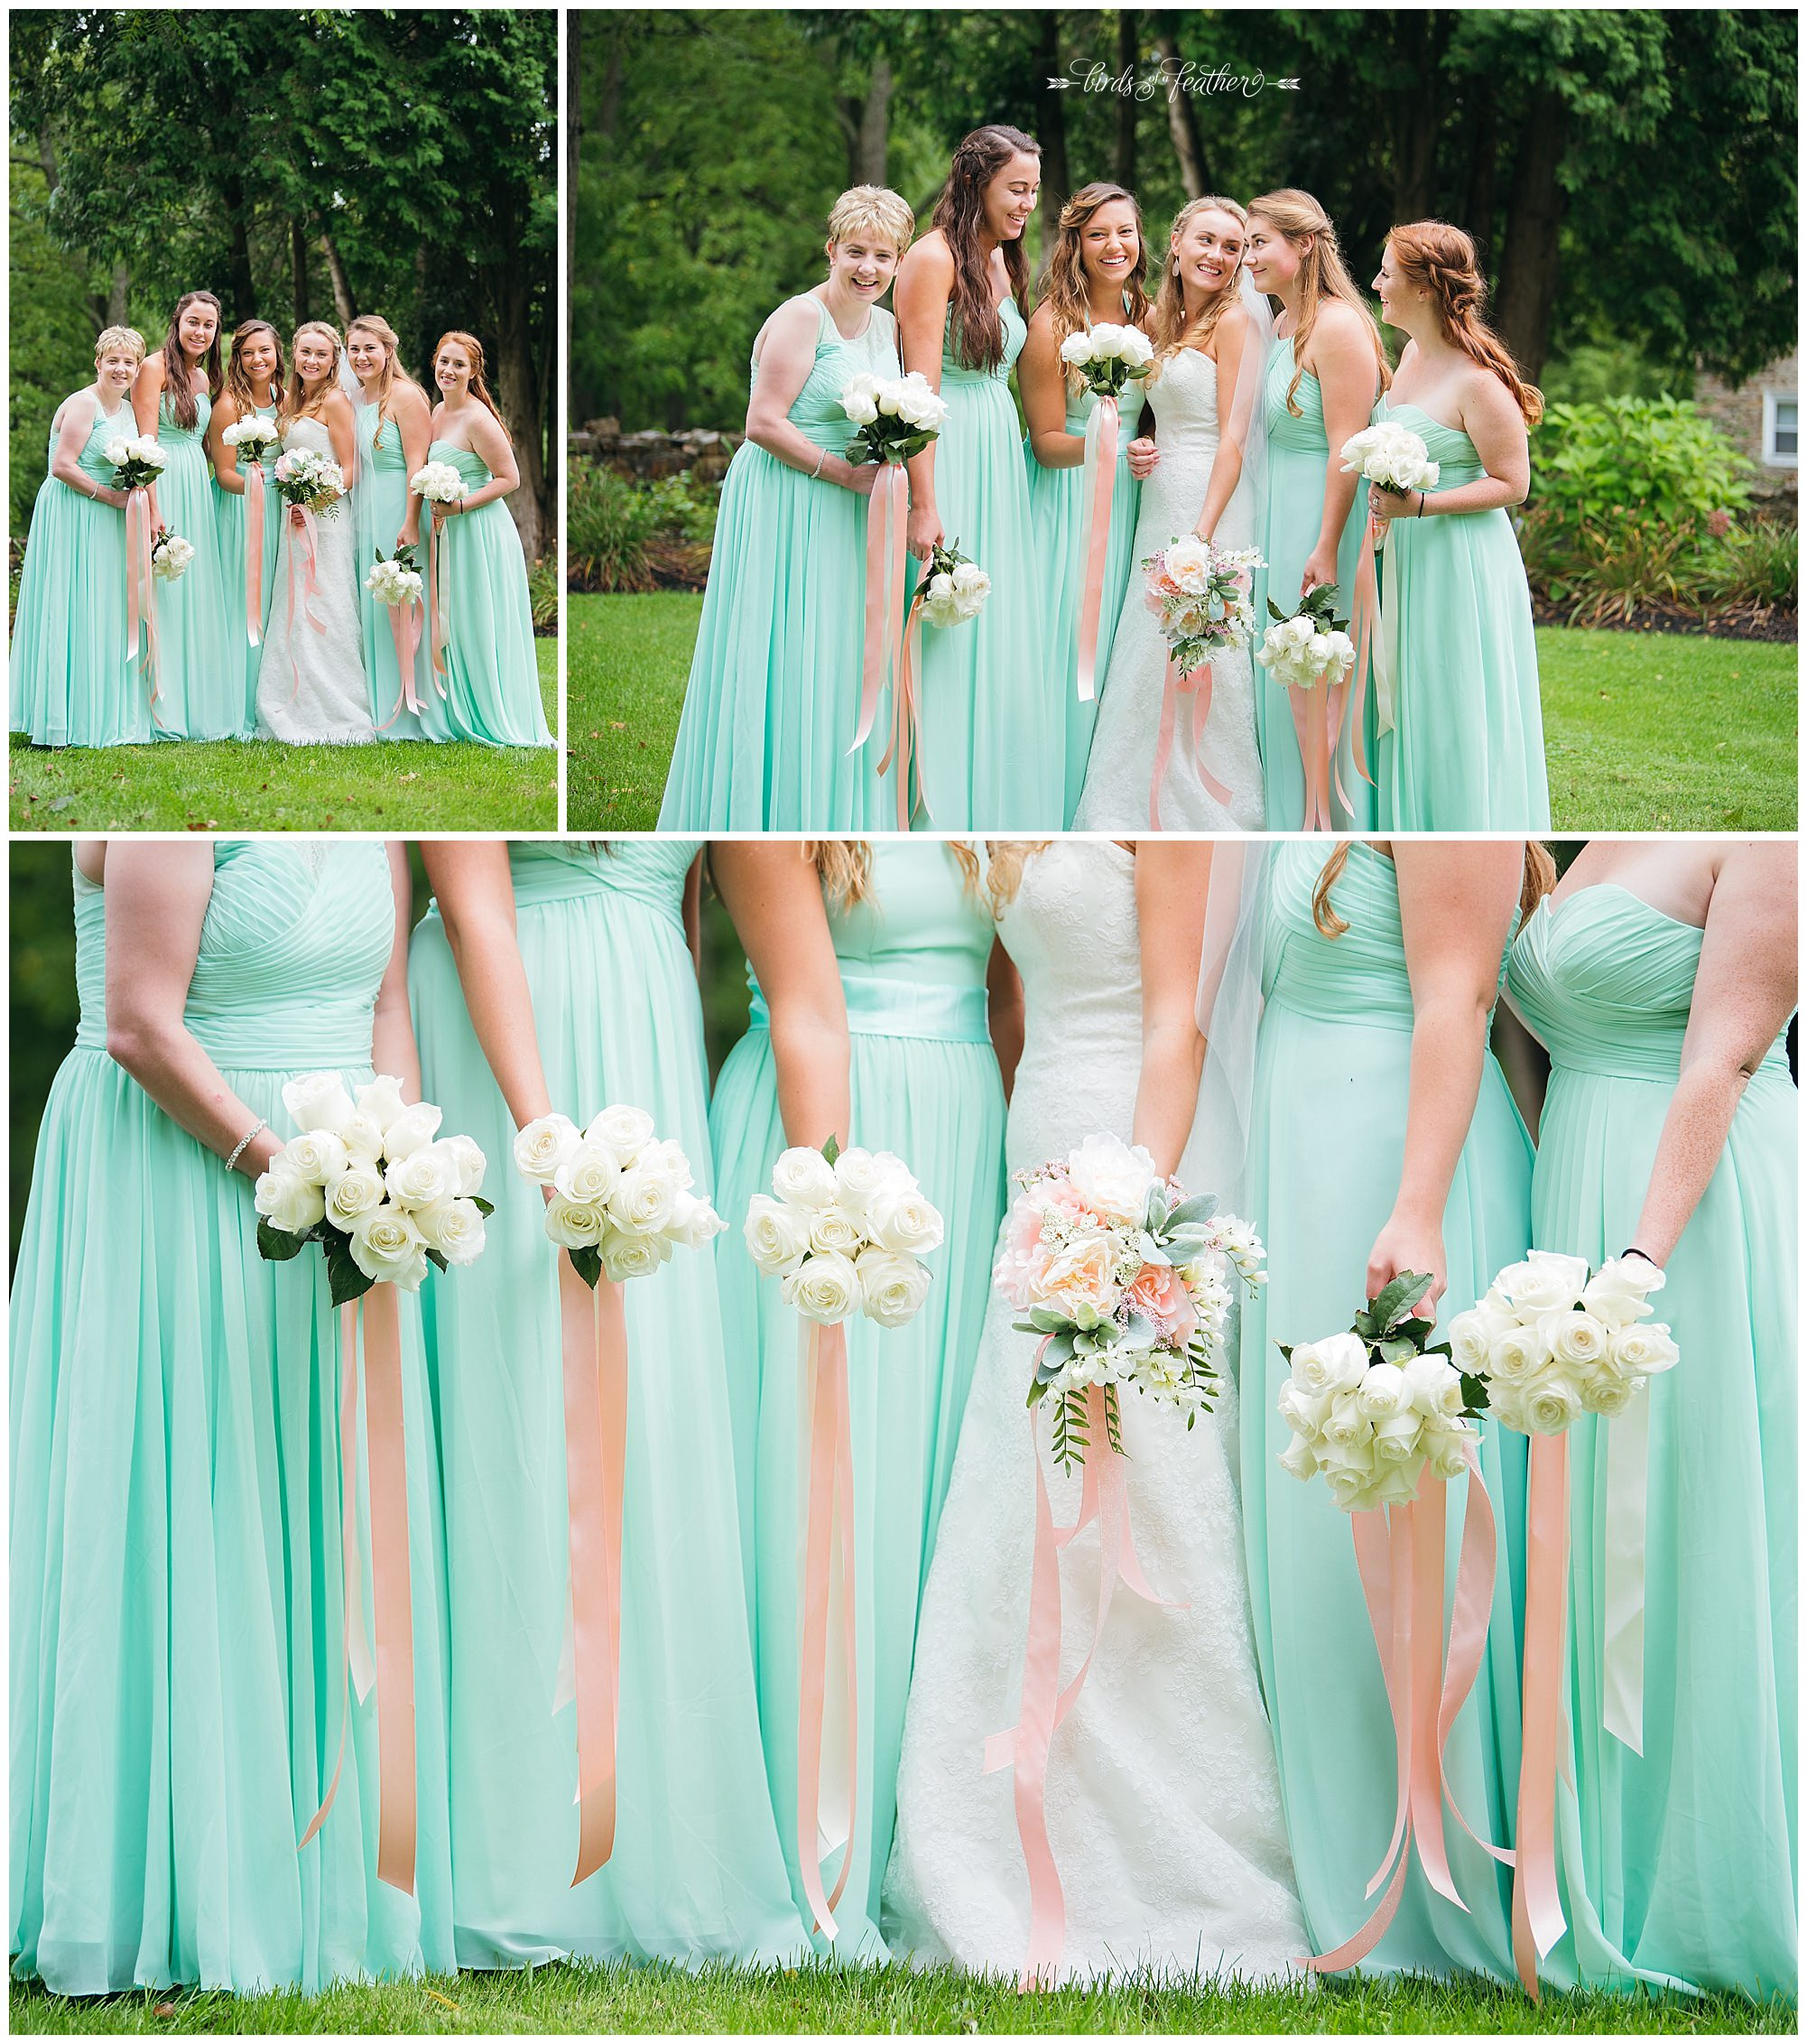 Birds of a Feather Photography Bally Spring Inn Wedding Photographer 18